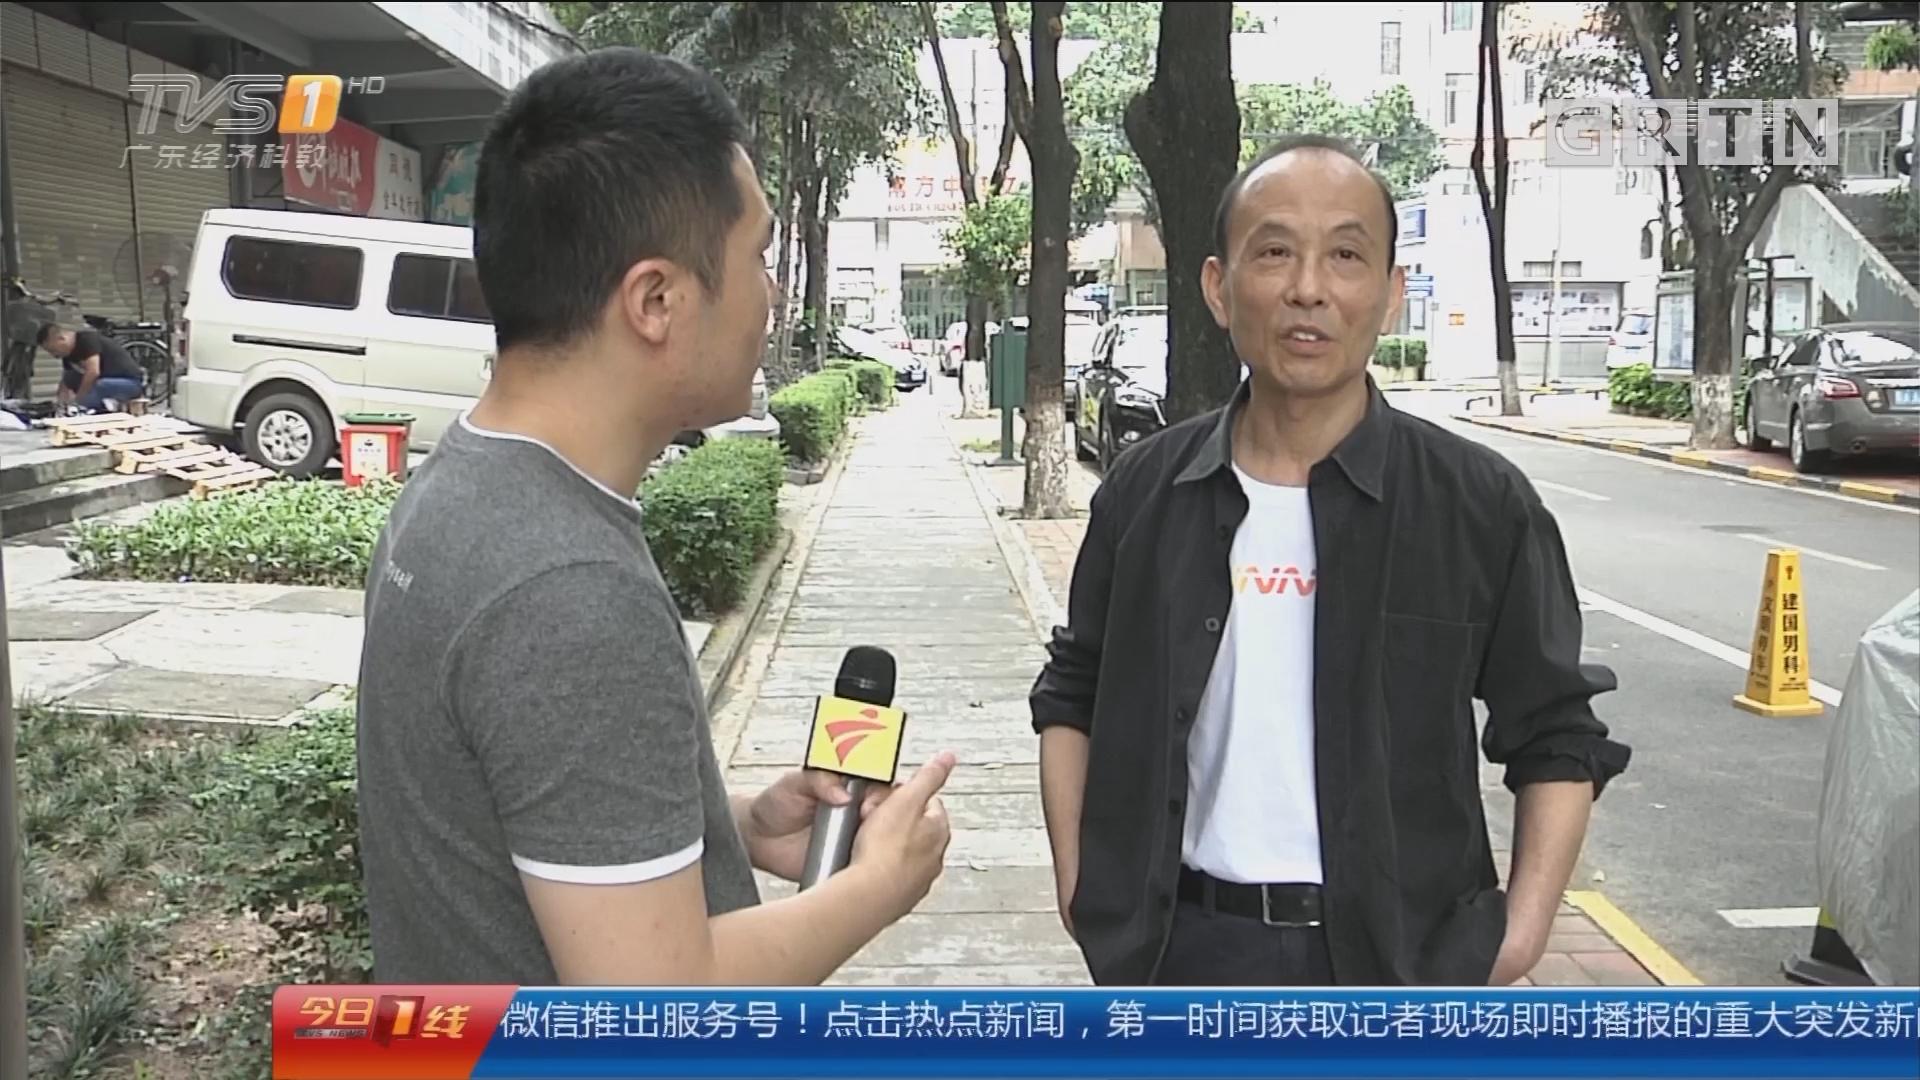 出租车调价首日:评论员亲测 广州出租车还拒载吗?